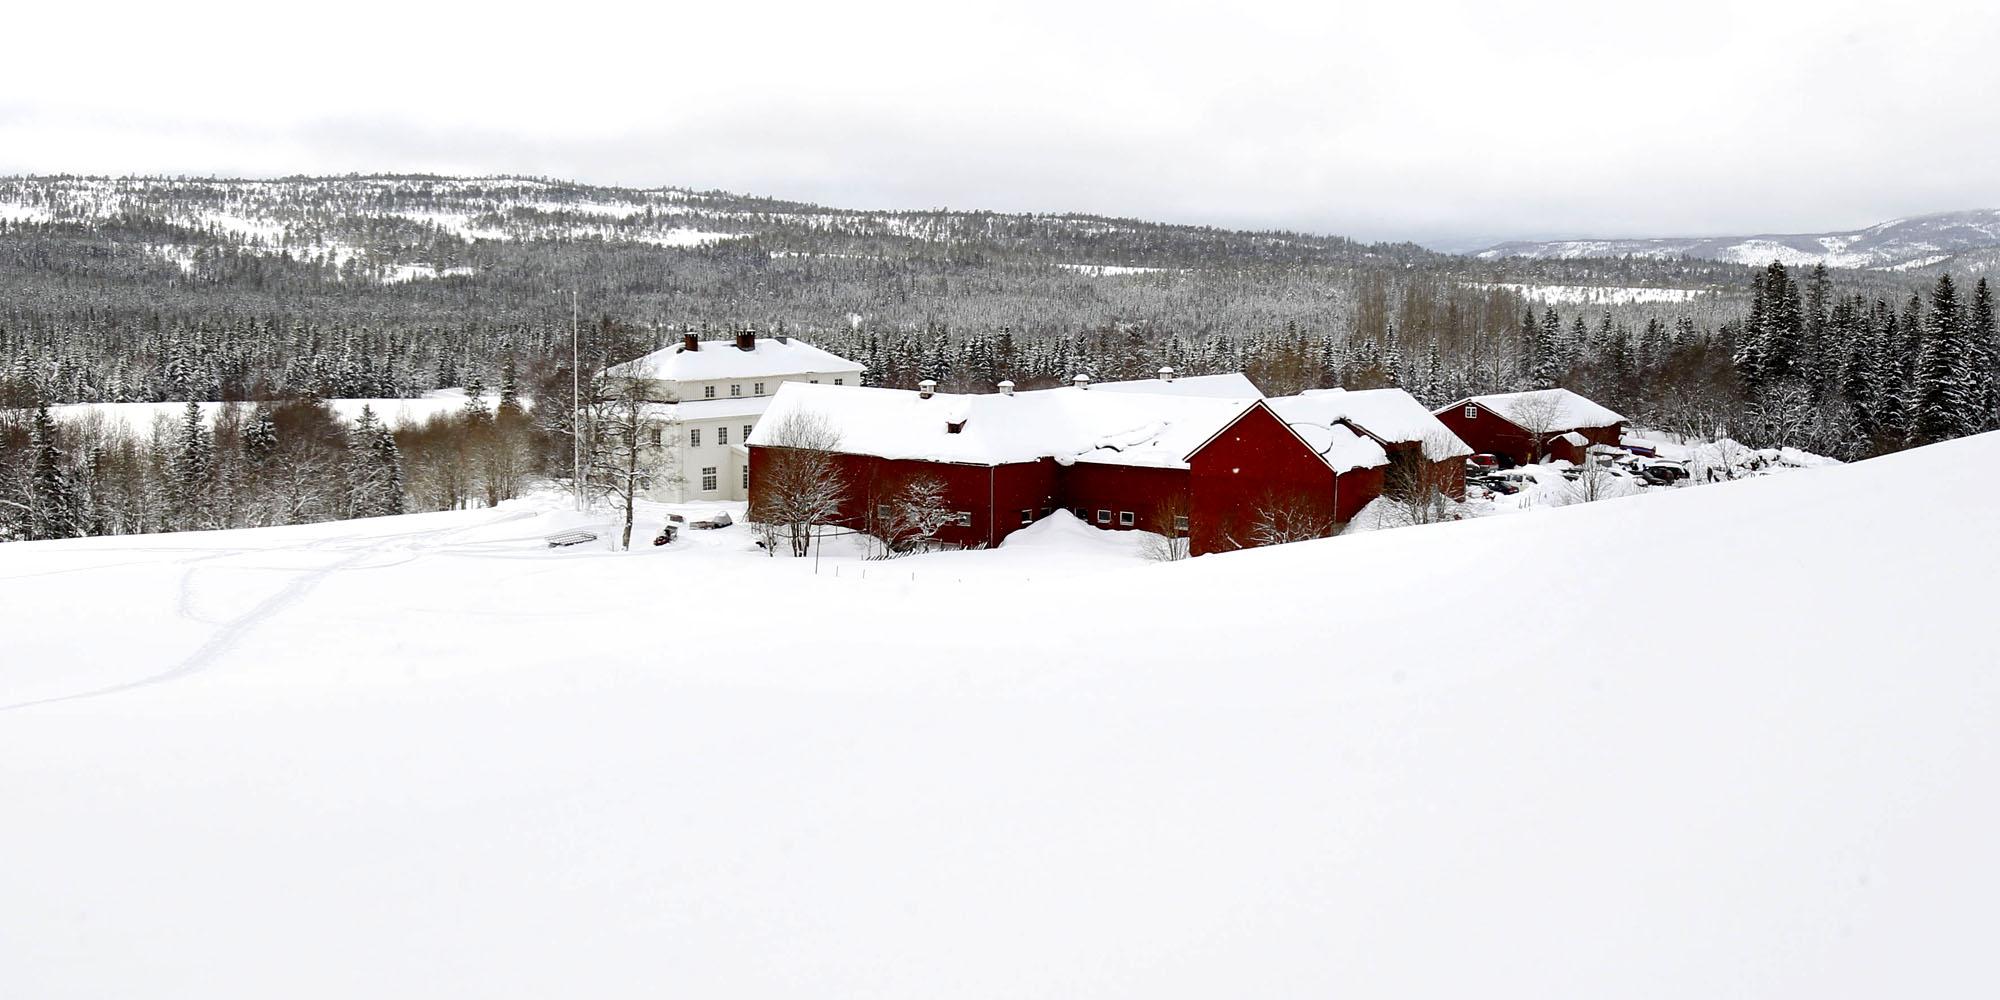 Mokk farm in winter. Copyright: Mokk gård